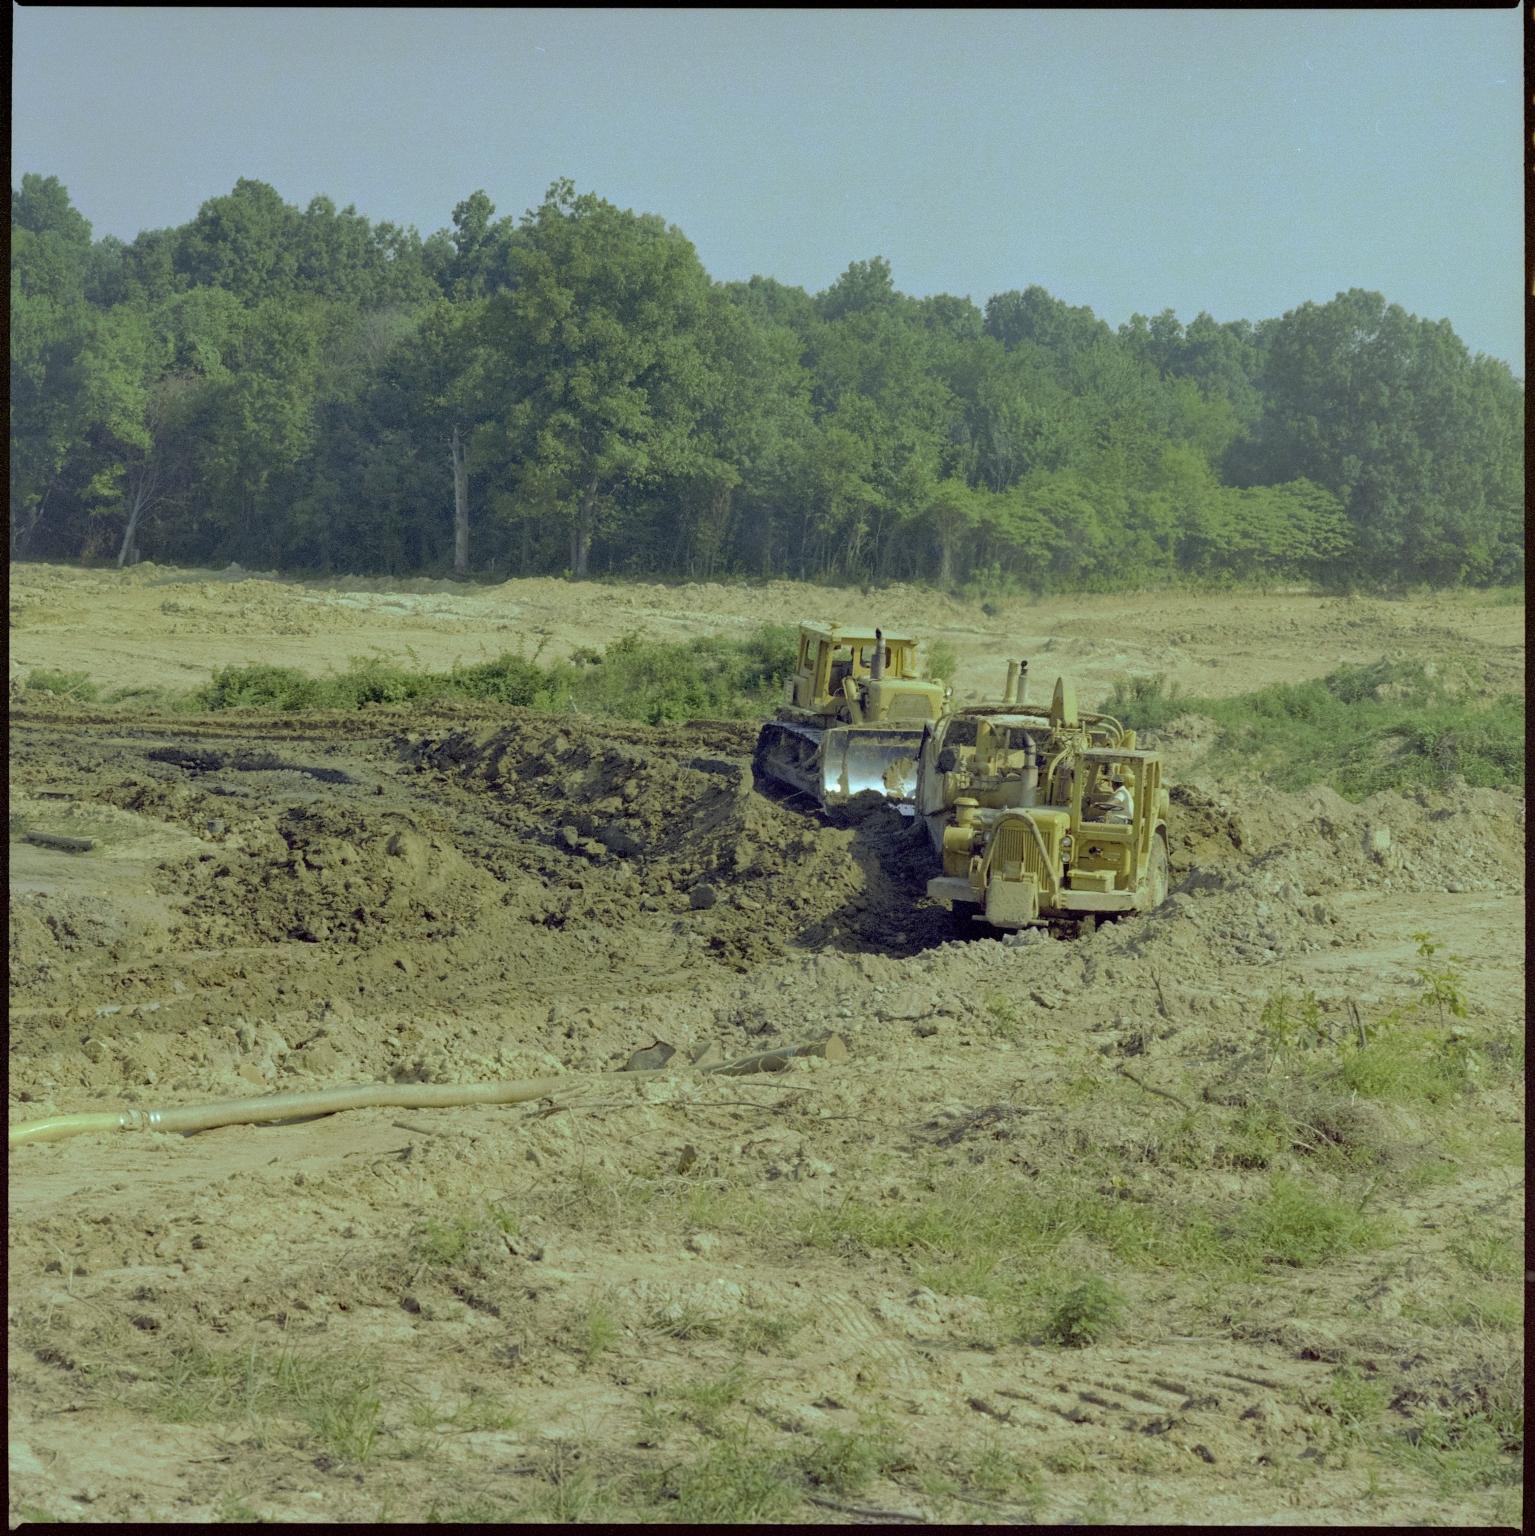 Construction of Kentucky Oaks Mall